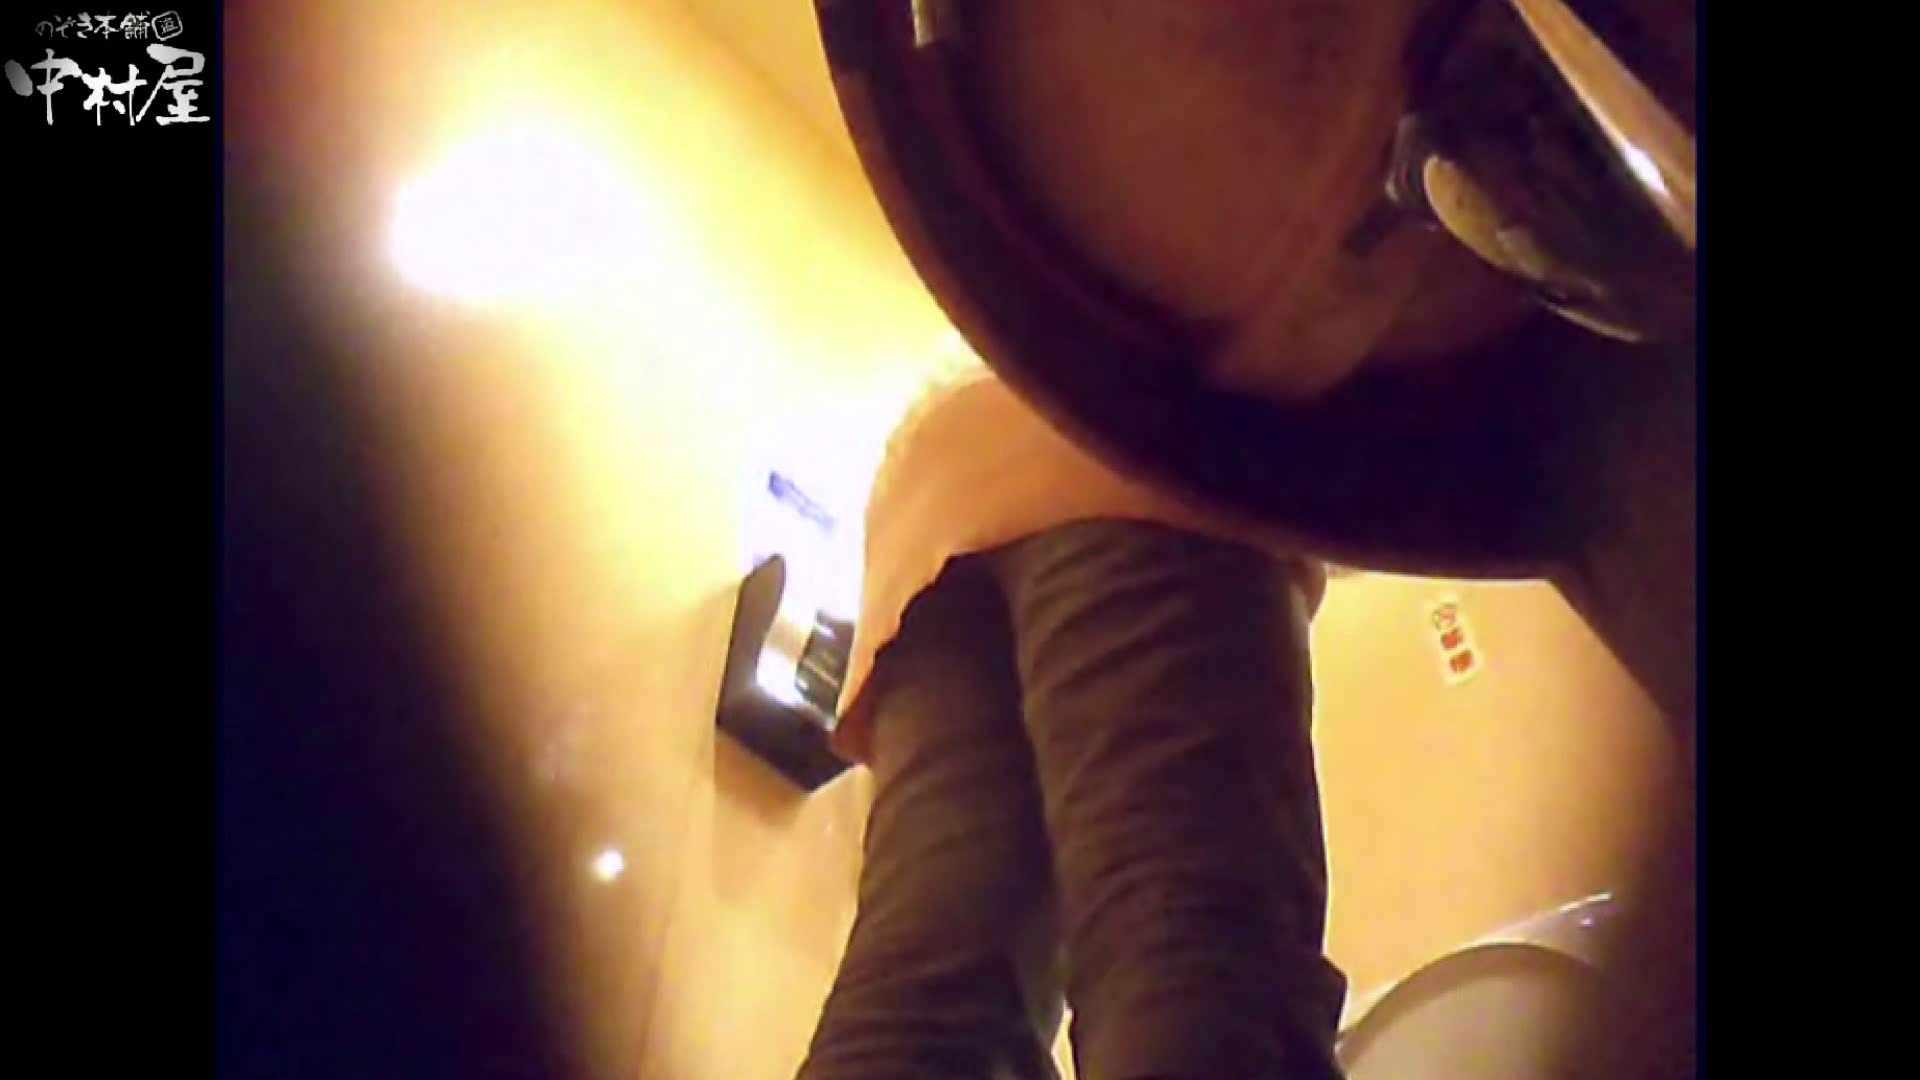 ガチ盗撮!突撃!女子化粧室の真実~セカンドシーズン~vo.05 熟女丸裸 | 盗撮師作品  107pic 7